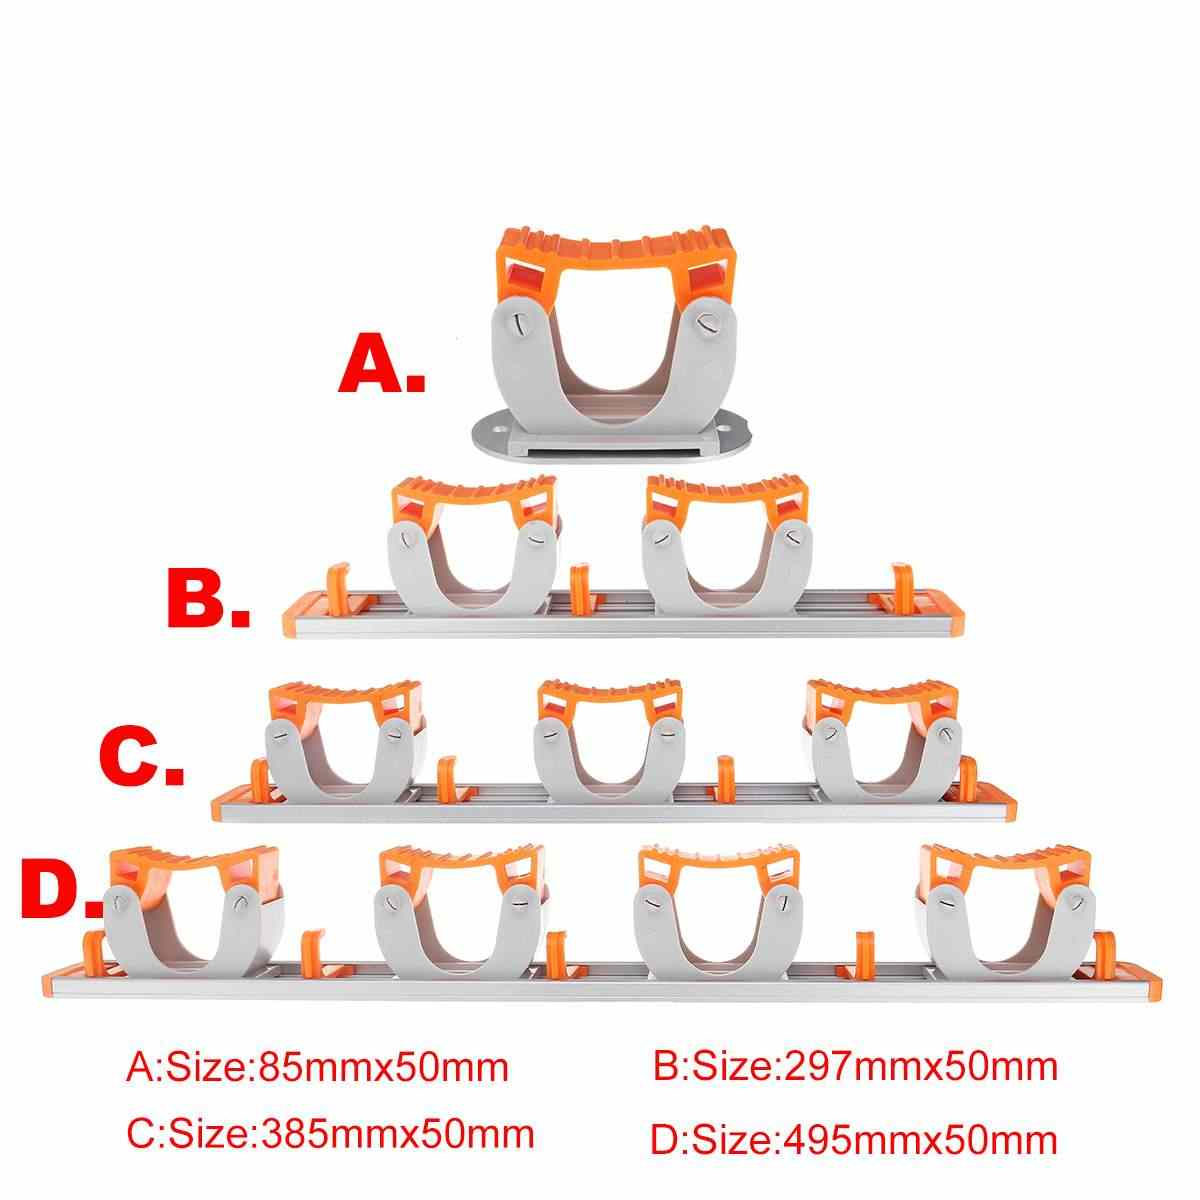 متعددة الوظائف حامل ممسحة جدار شنت المطبخ الحمام 4 موقف ممسحة و حامل مكنسة مع 5 السنانير حامل ممسحة جودة عالية